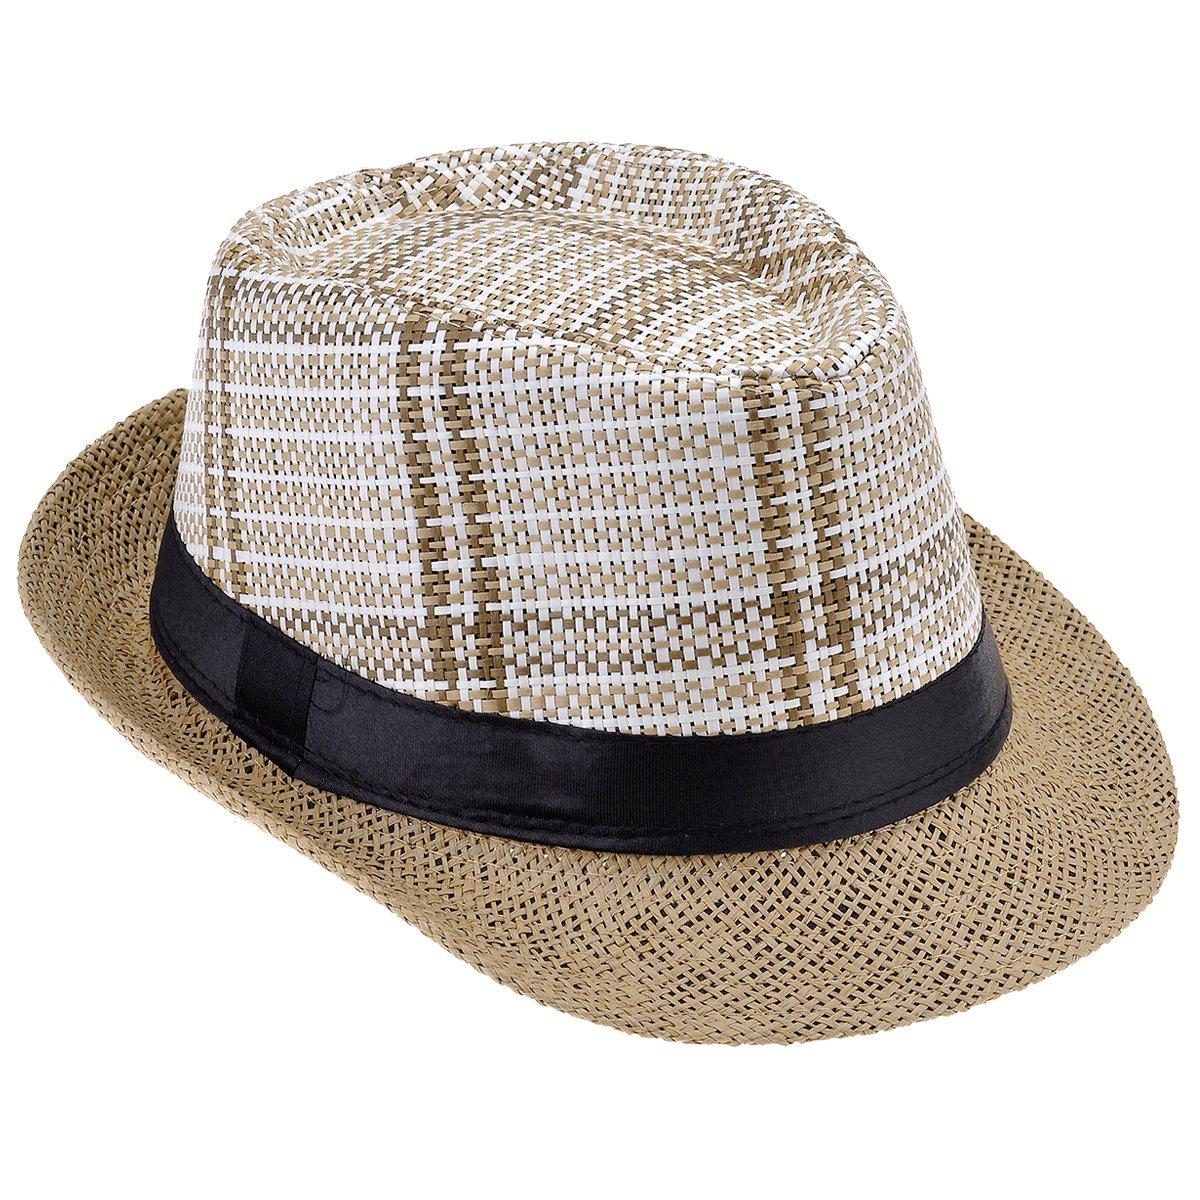 Faleto Chapeau de Paille pour Homme Femme Unisex Chapeau d\'été Tricoté à la Main Style Jazz Classique et Loisir Chapeau Panama pour Vacance en Plage Jazz Hut